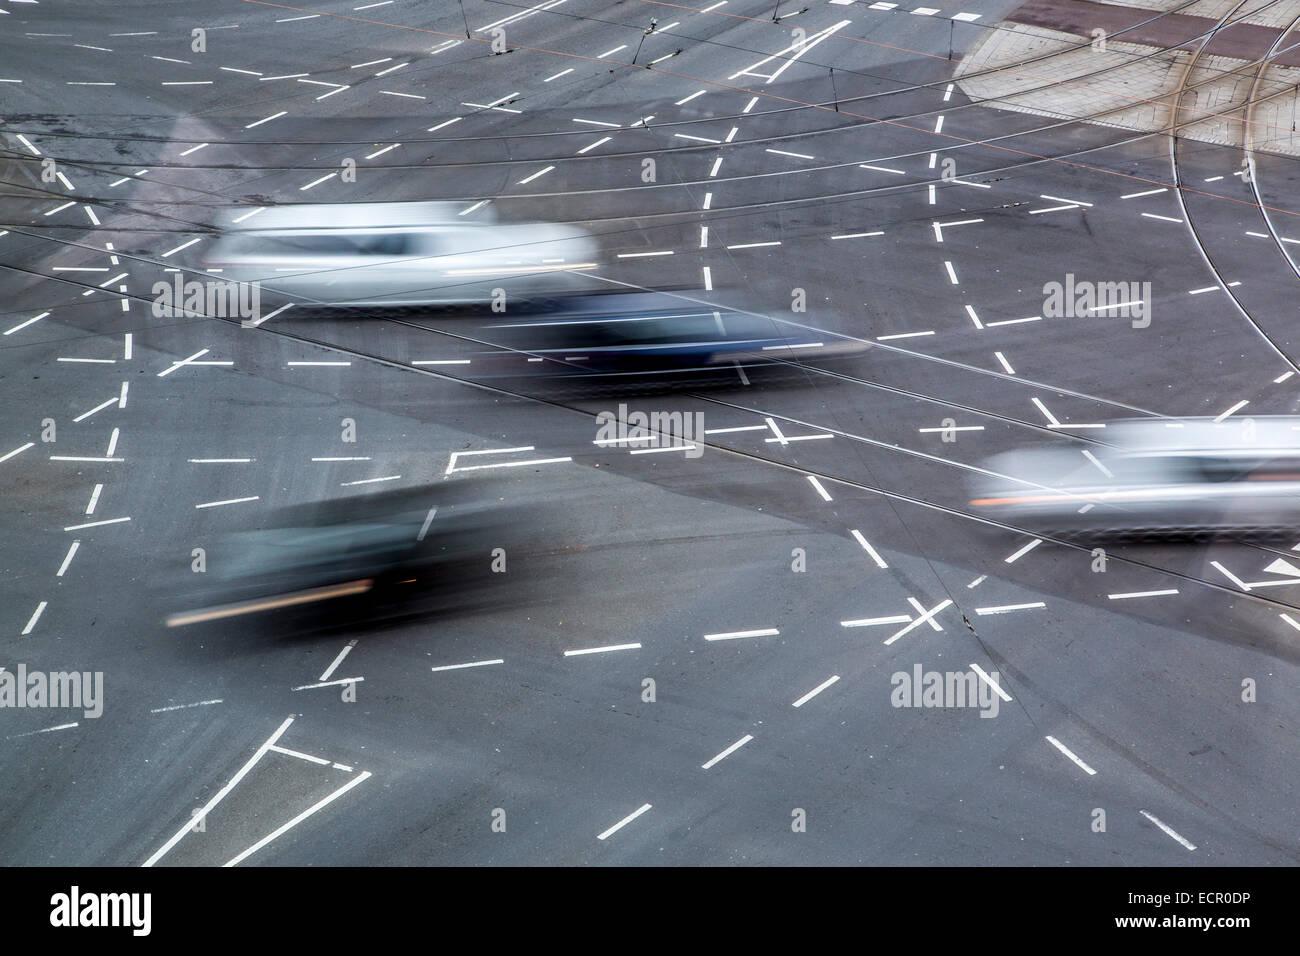 Grand Road intersection, le marquage routier pour diverses voies de virage, Photo Stock